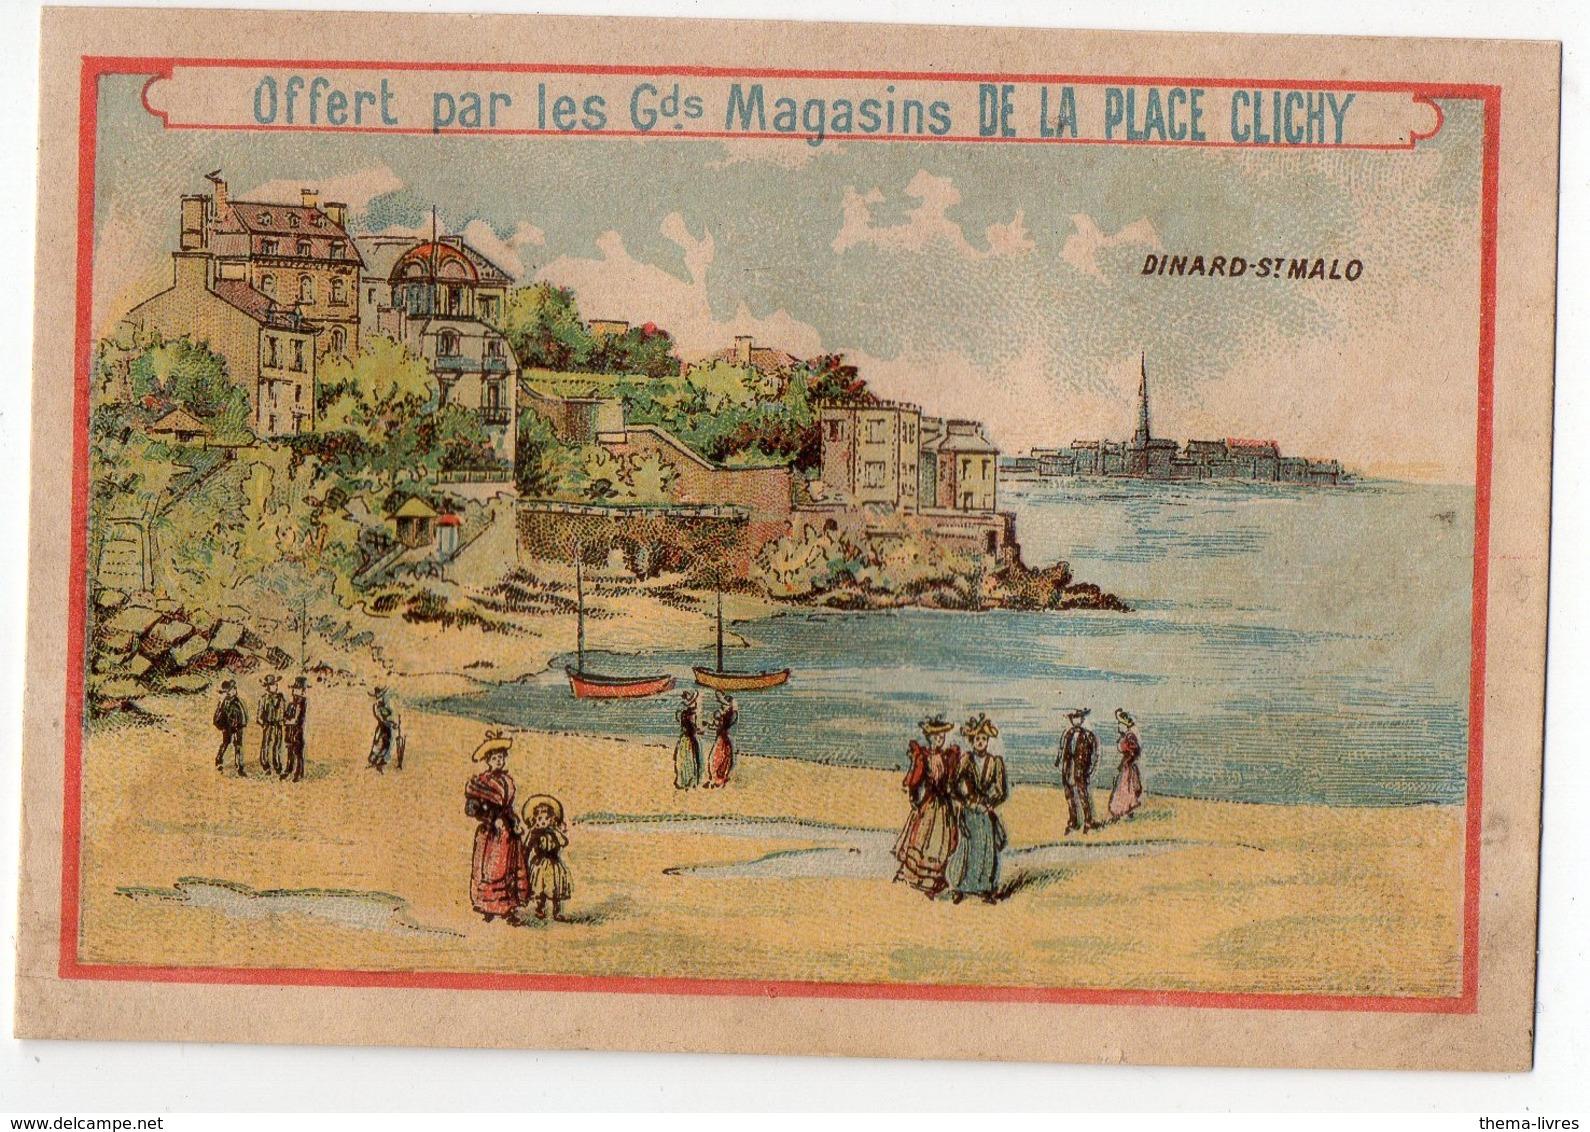 Dinard-Saint Malo, Image Offerte Par Les MAGASINS DE LA PLACE CLICHY Horaire 1893 Des Trains Au Verso (PPP17855) - Chromos